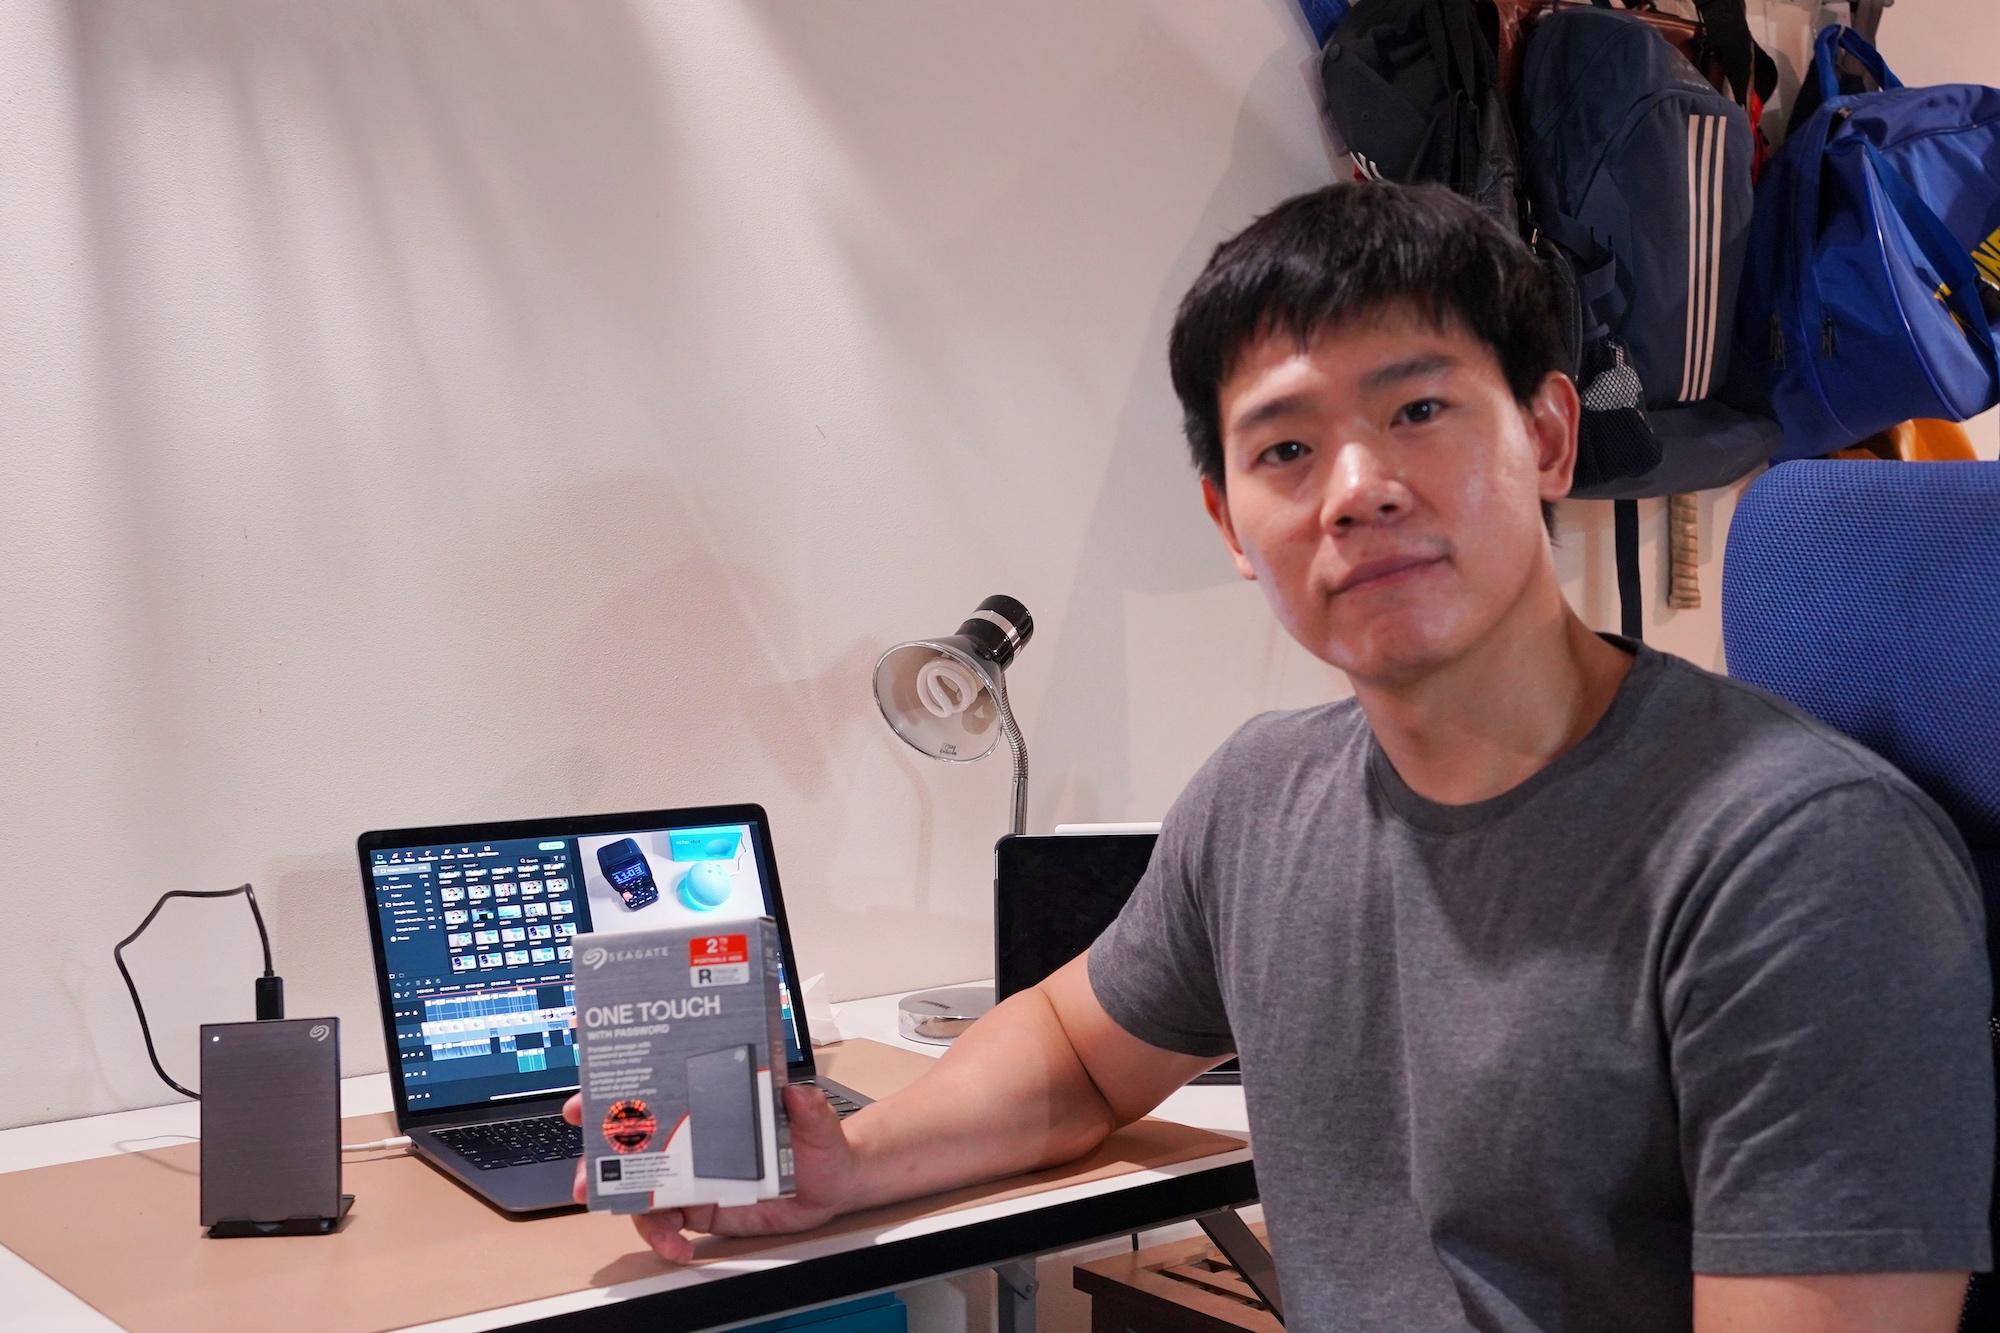 รีวิว Seagate One Touch with Password, Ext HDD รุ่นใหม่ล่าสุด แถมฟรี Adobe Creative Cloud Subscription!